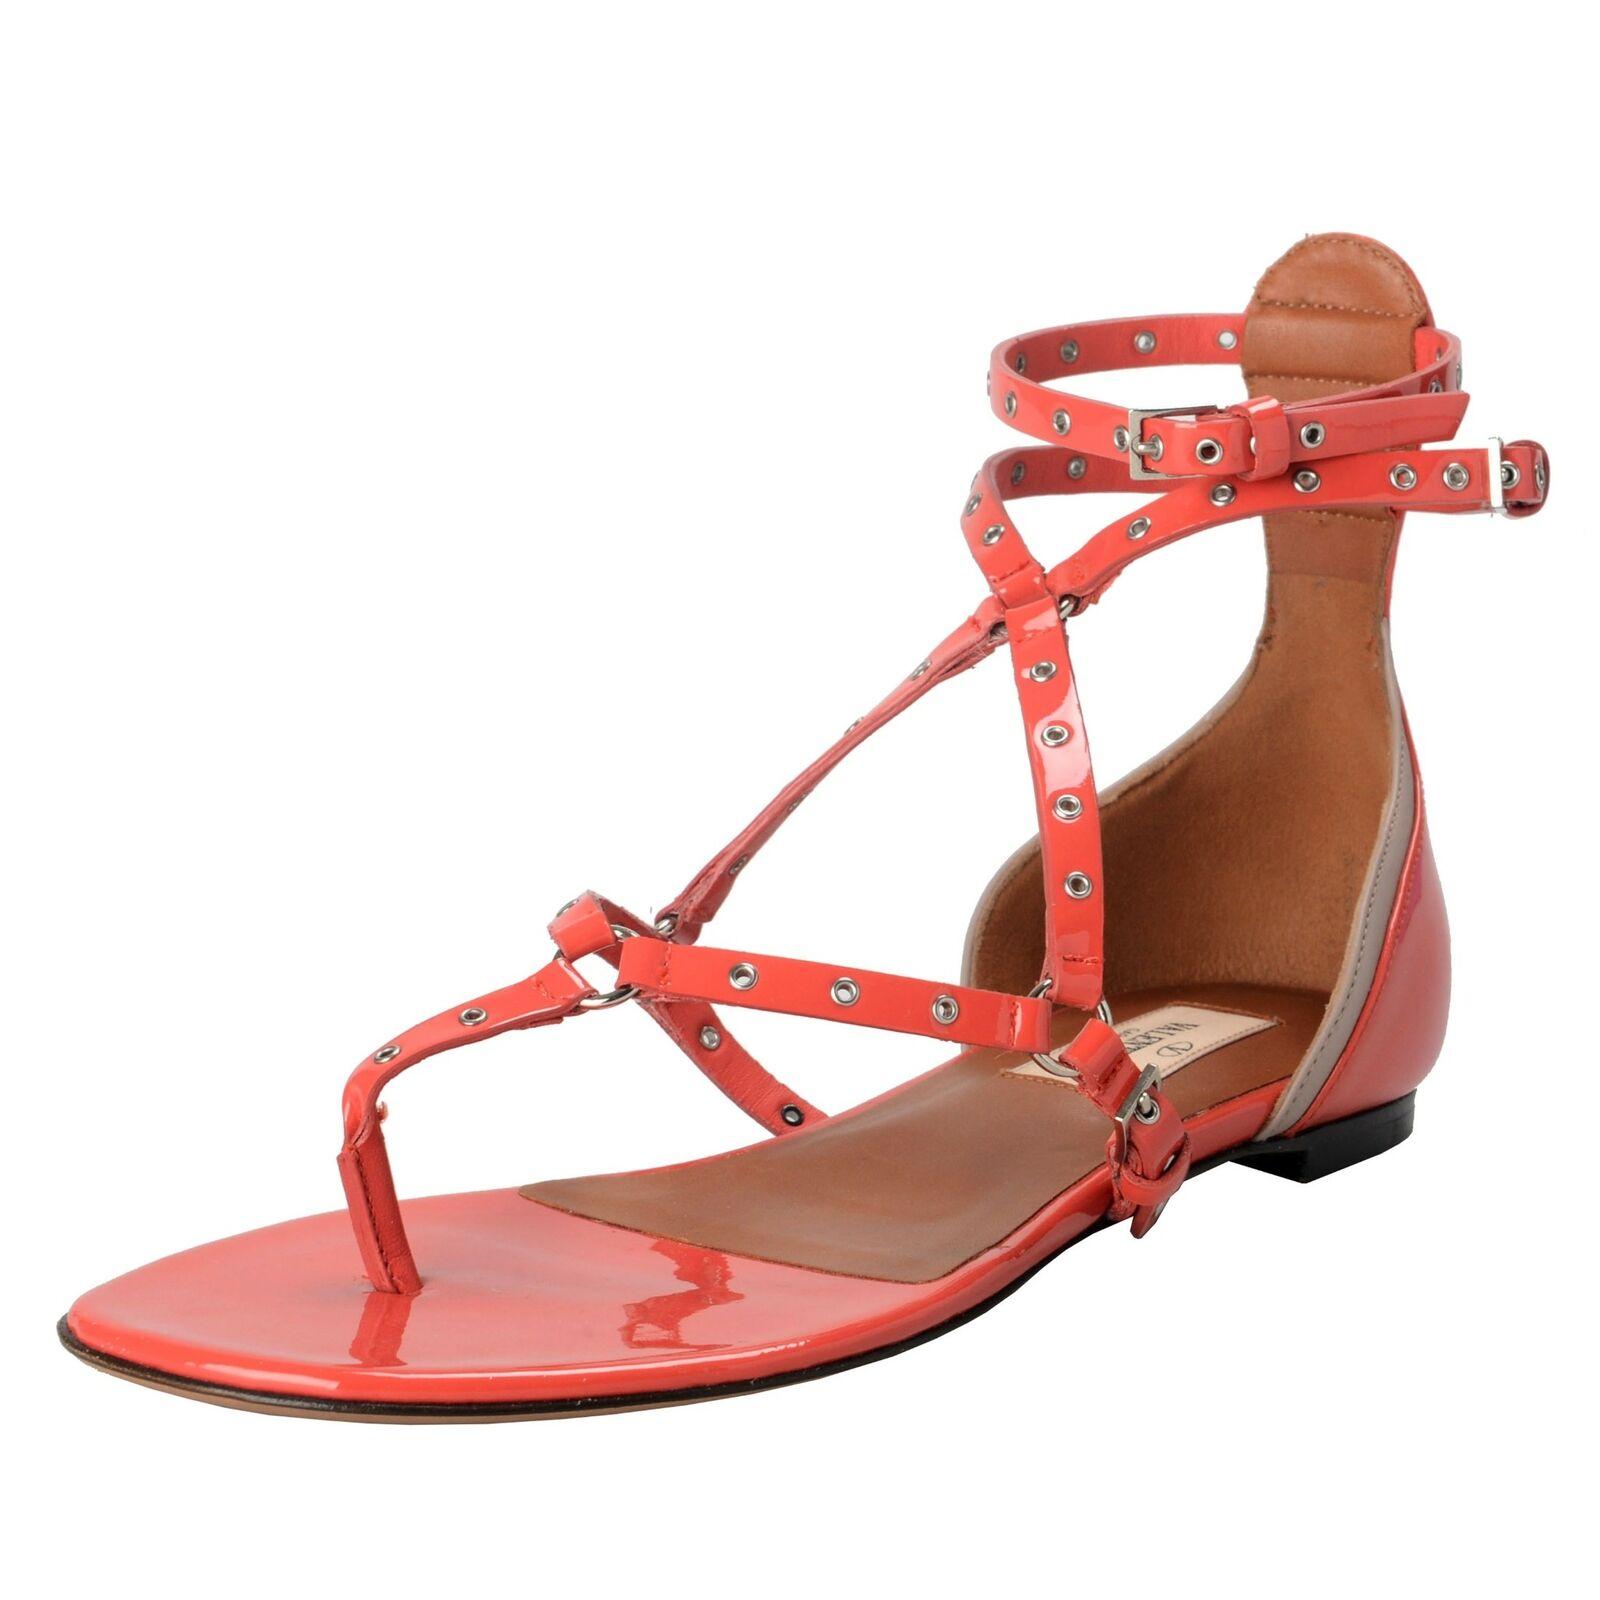 Valentino Garavani Mujer Tiras Zapatos Sandalias Bajas Talla 6 6.5 7 7.5 8 8.5 9